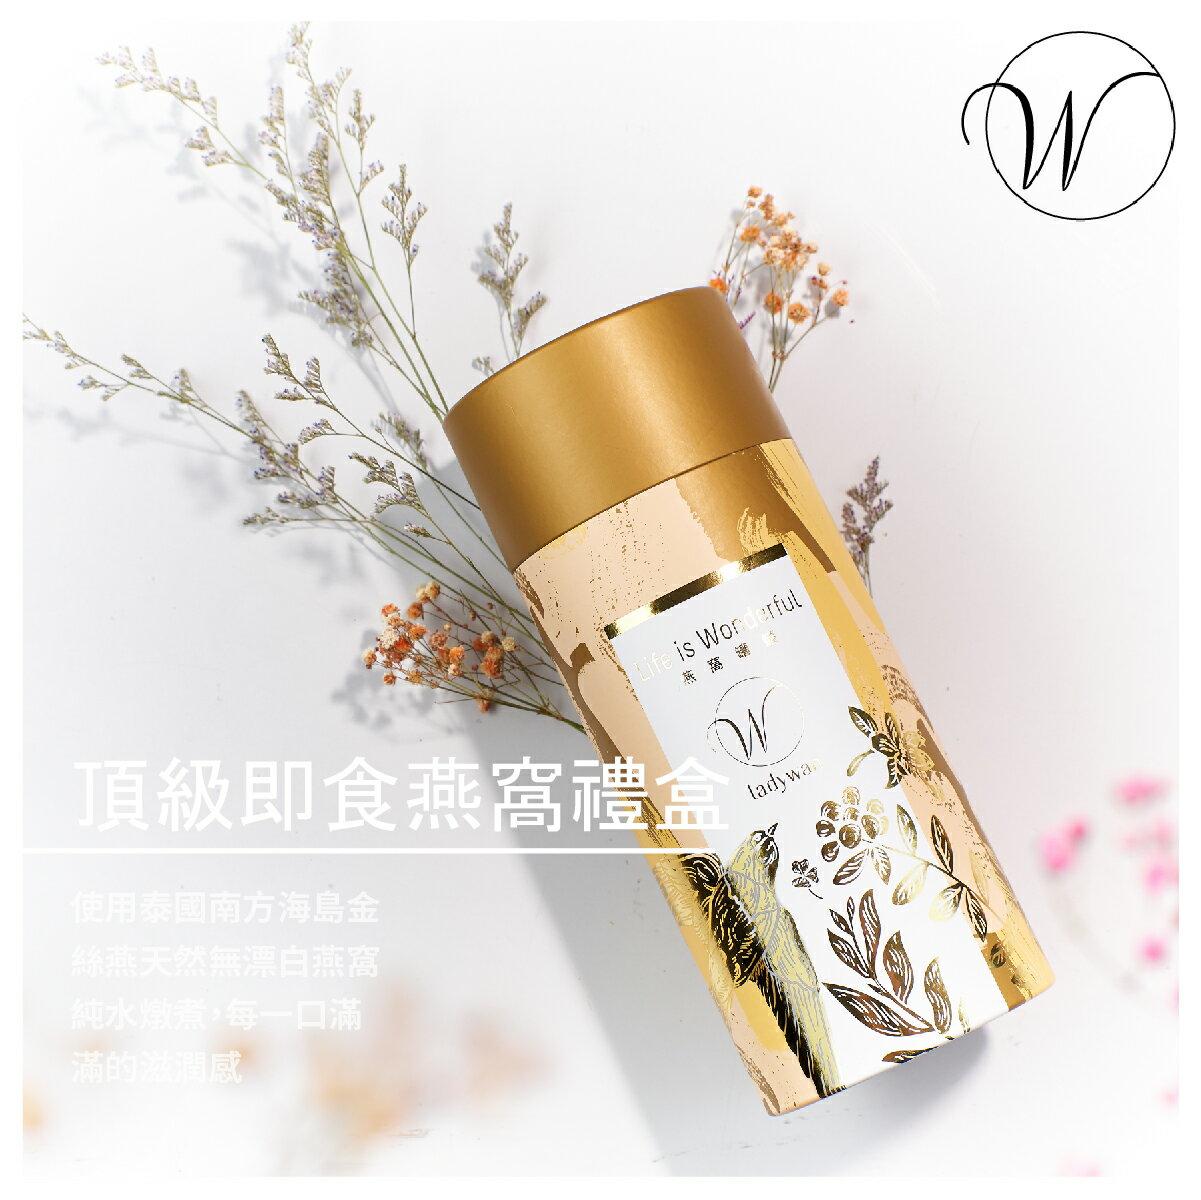 【ladywan 旺小姐】泰國頂級即食燕窩禮盒/200ml*2